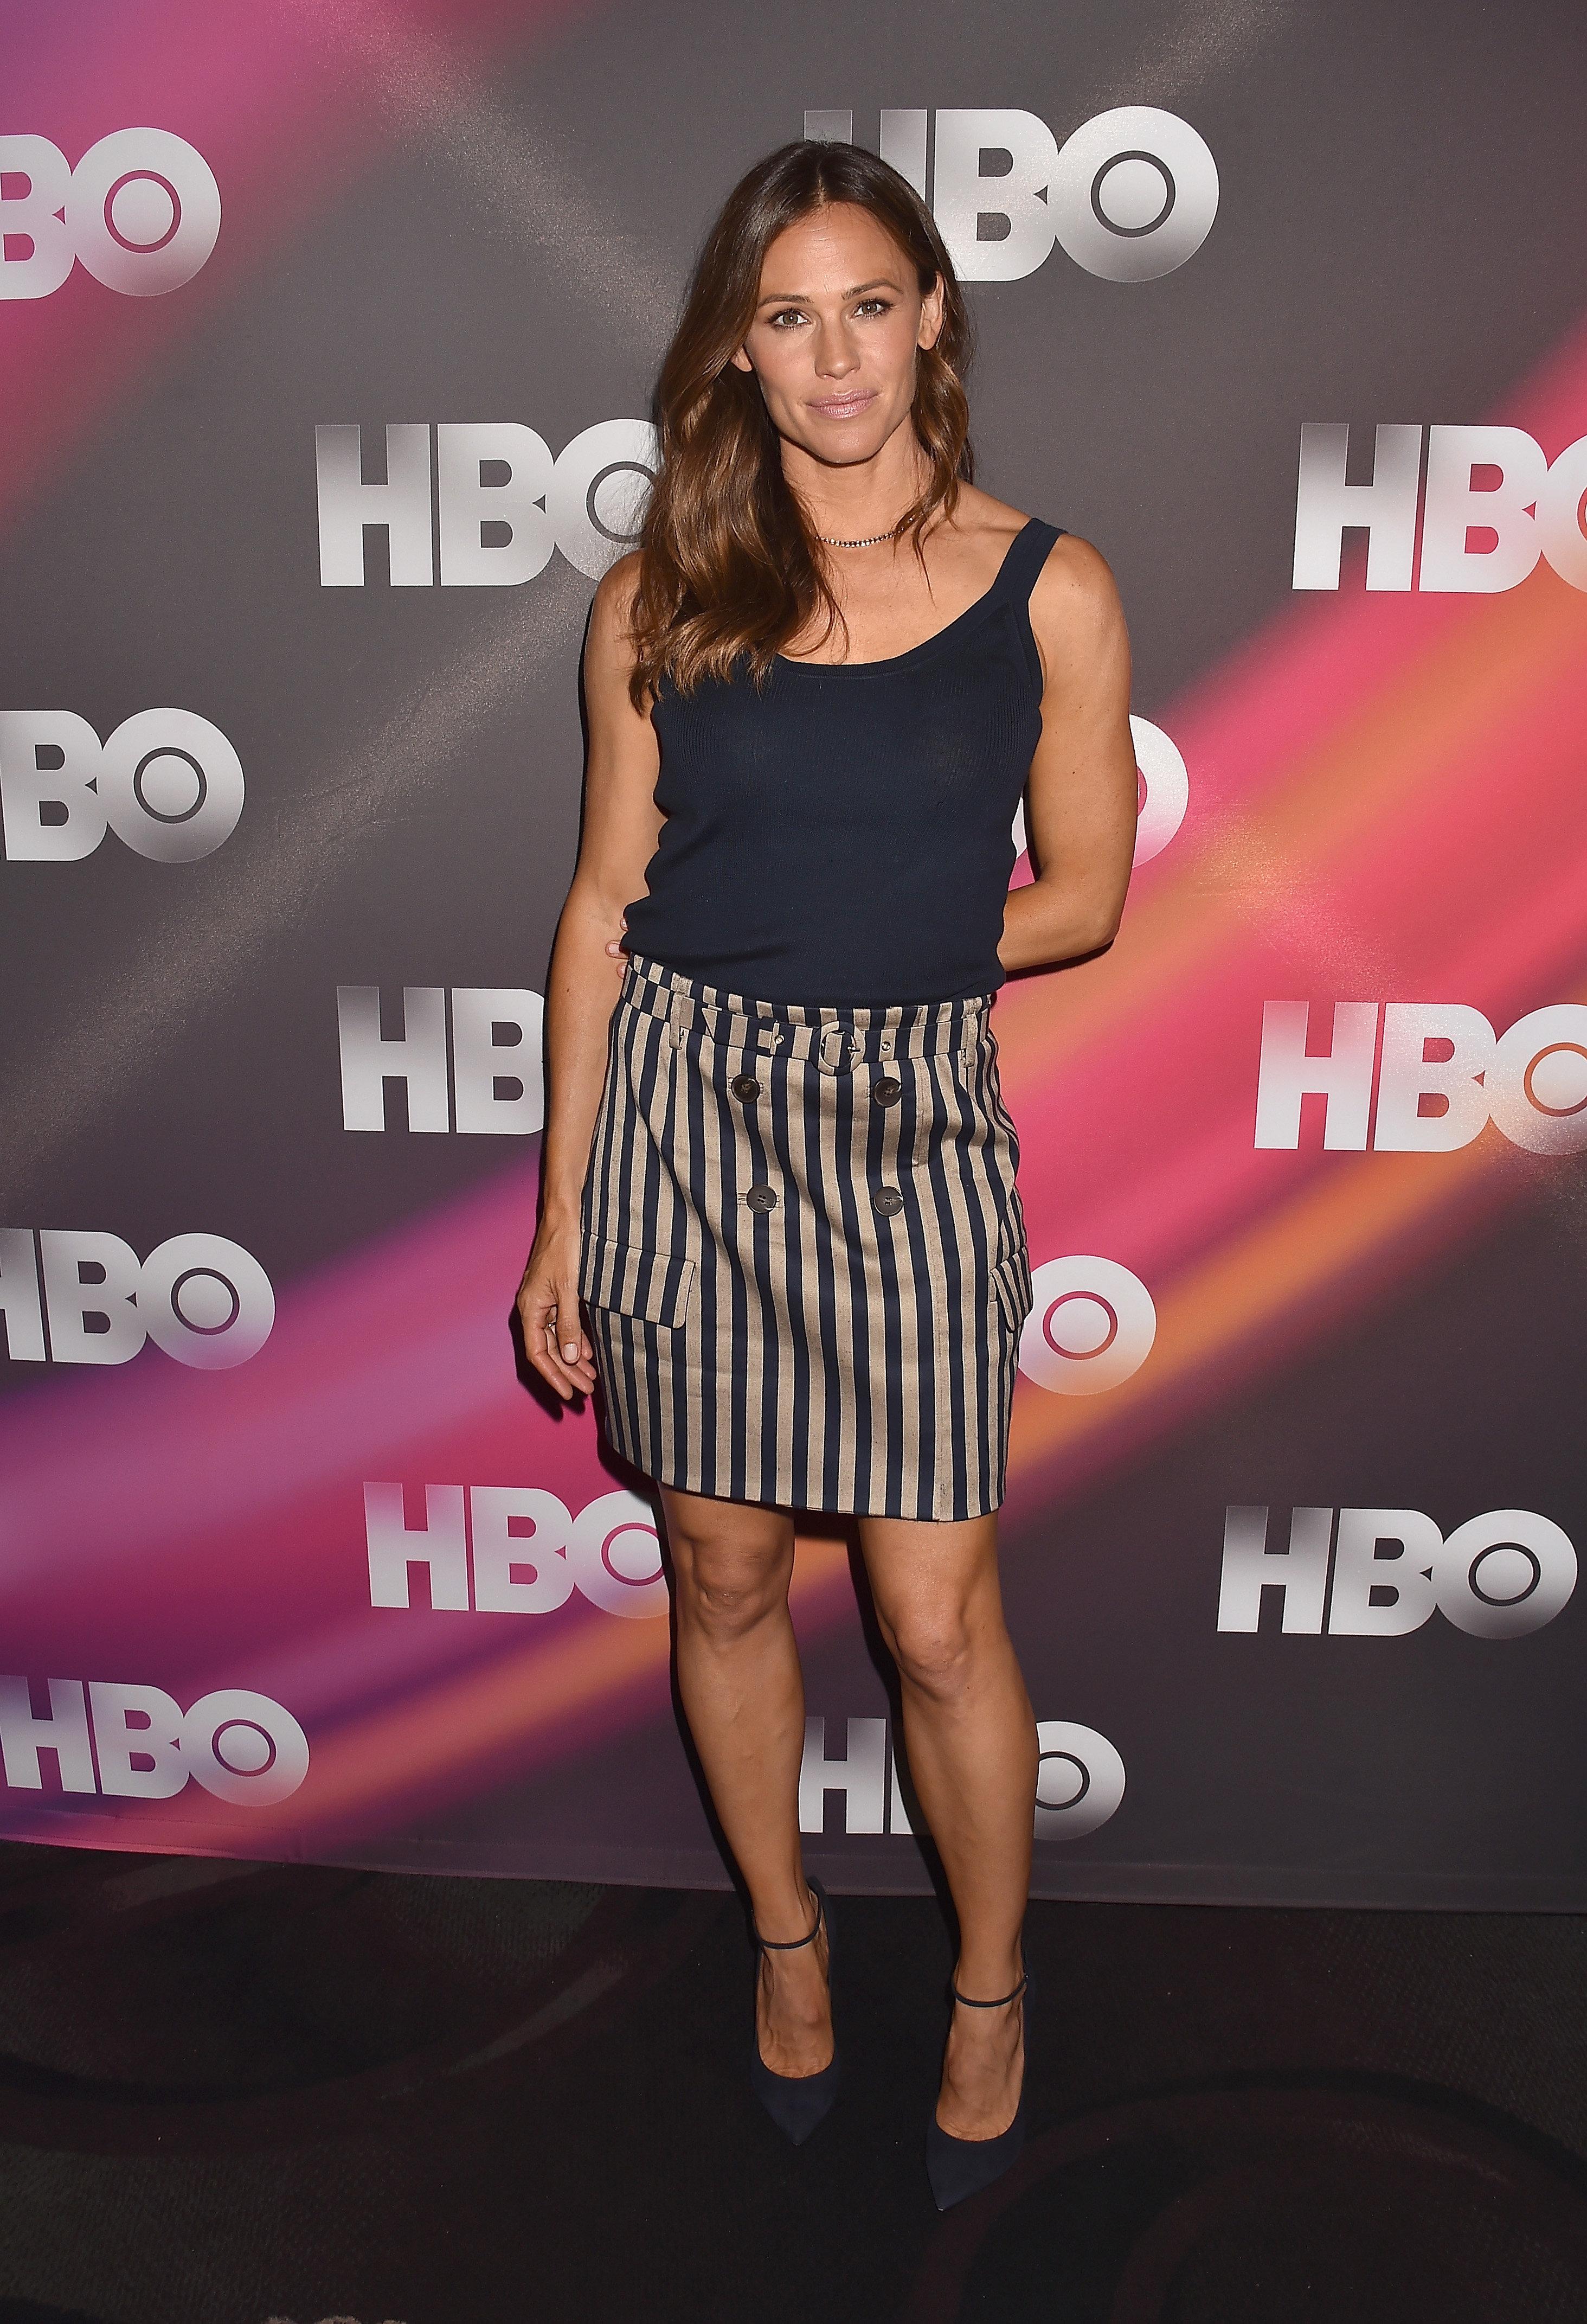 Jennifer Garner attends the HBO Summer TCA 2018.